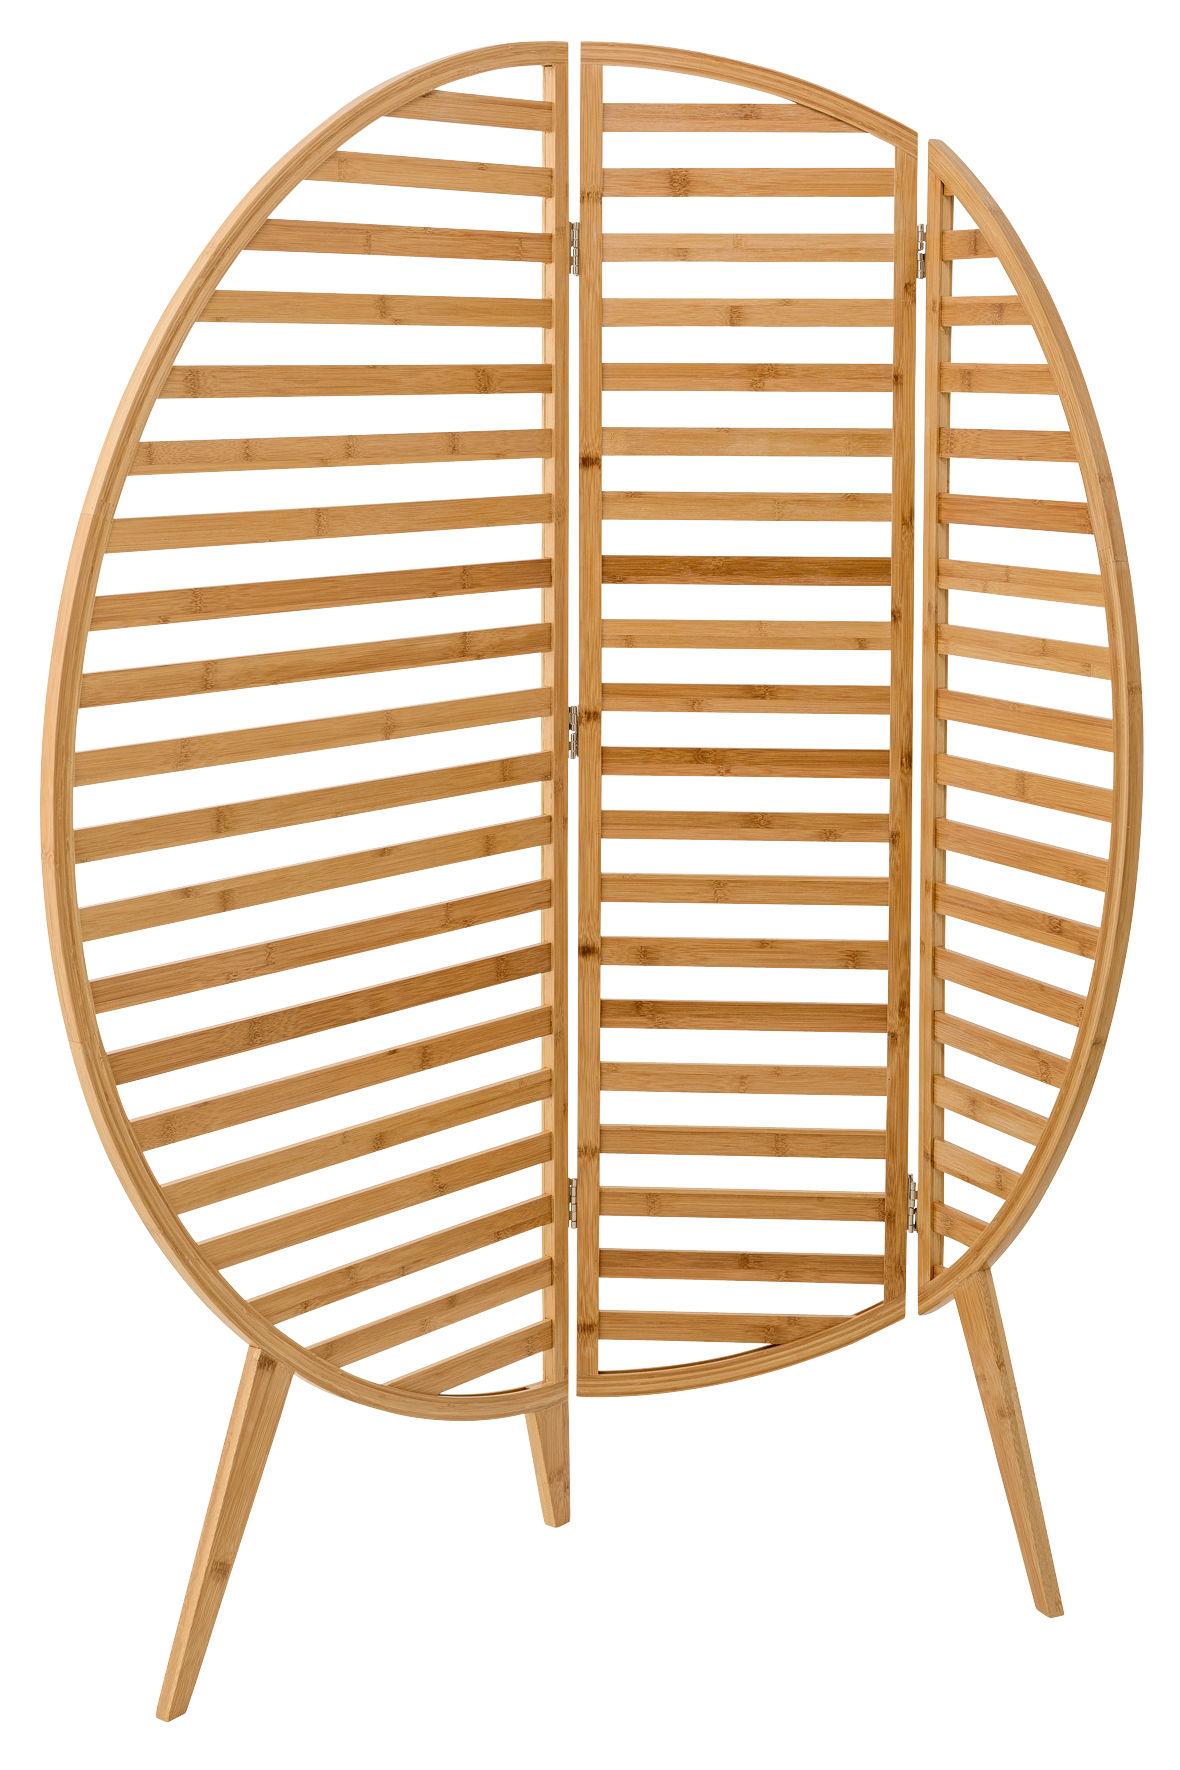 paravent bamboo l 120 x h 130 cm bambou naturel. Black Bedroom Furniture Sets. Home Design Ideas